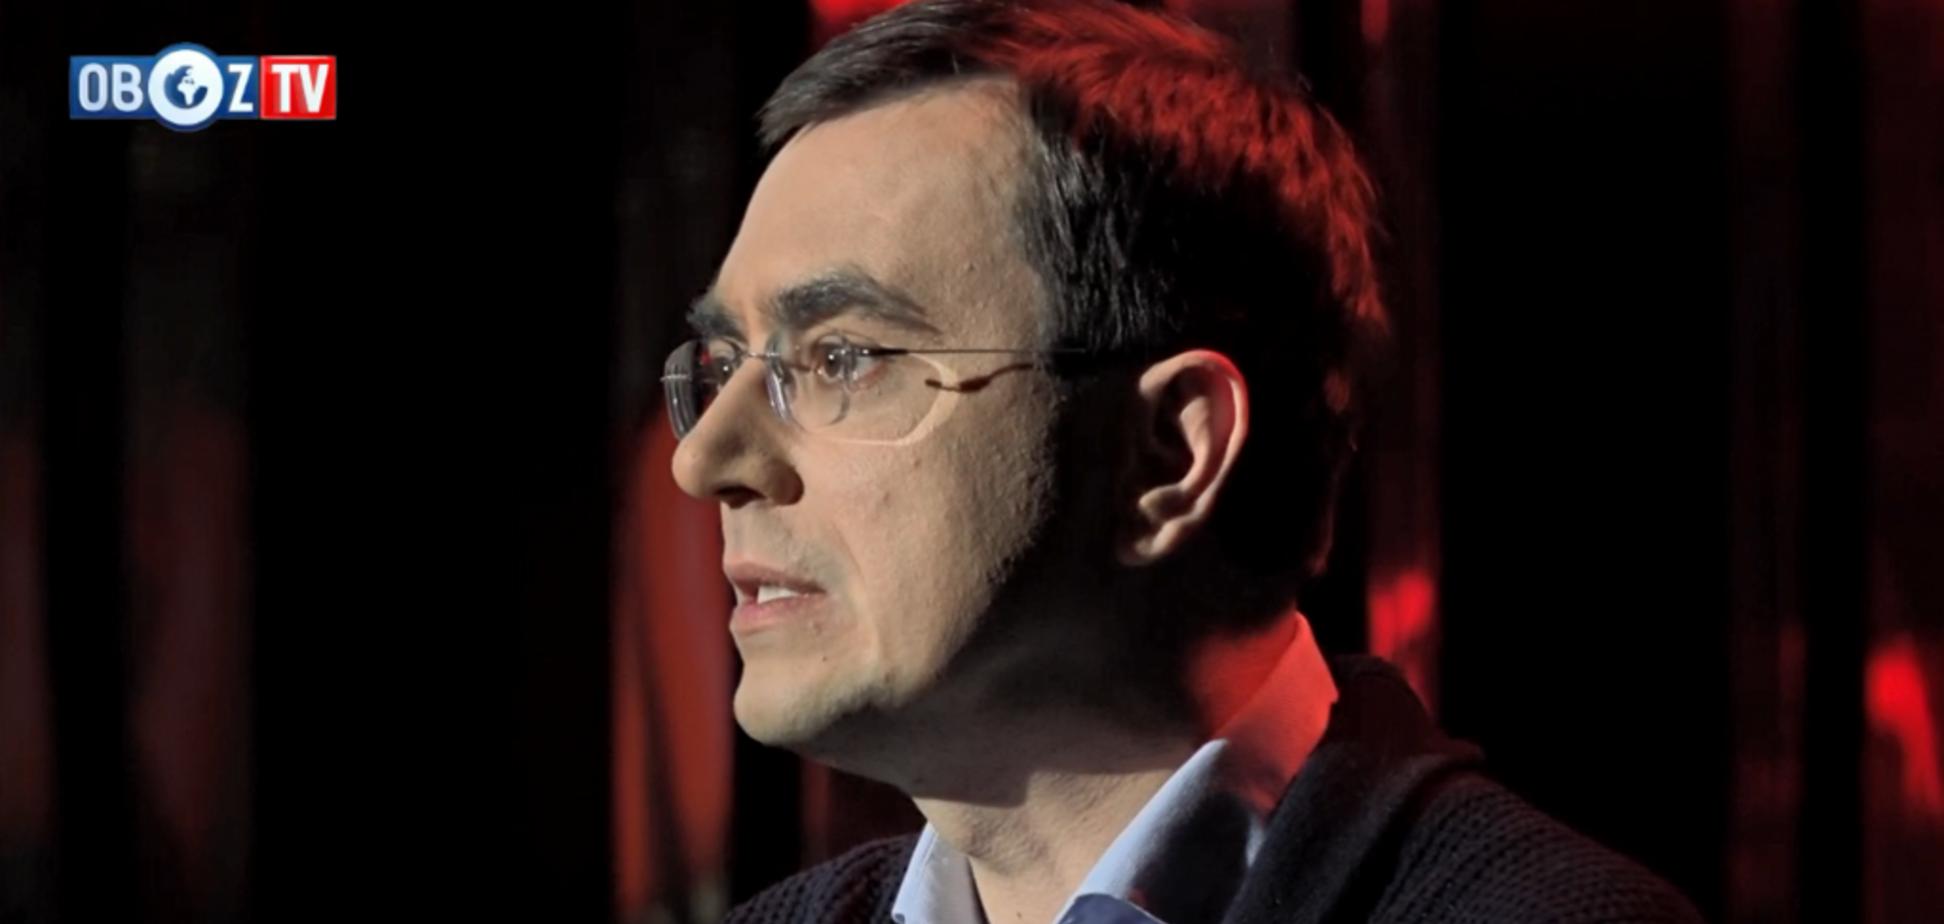 'Это будет удар!' Омелян рассказал, к чему готовиться Украине в газовой войне с Россией